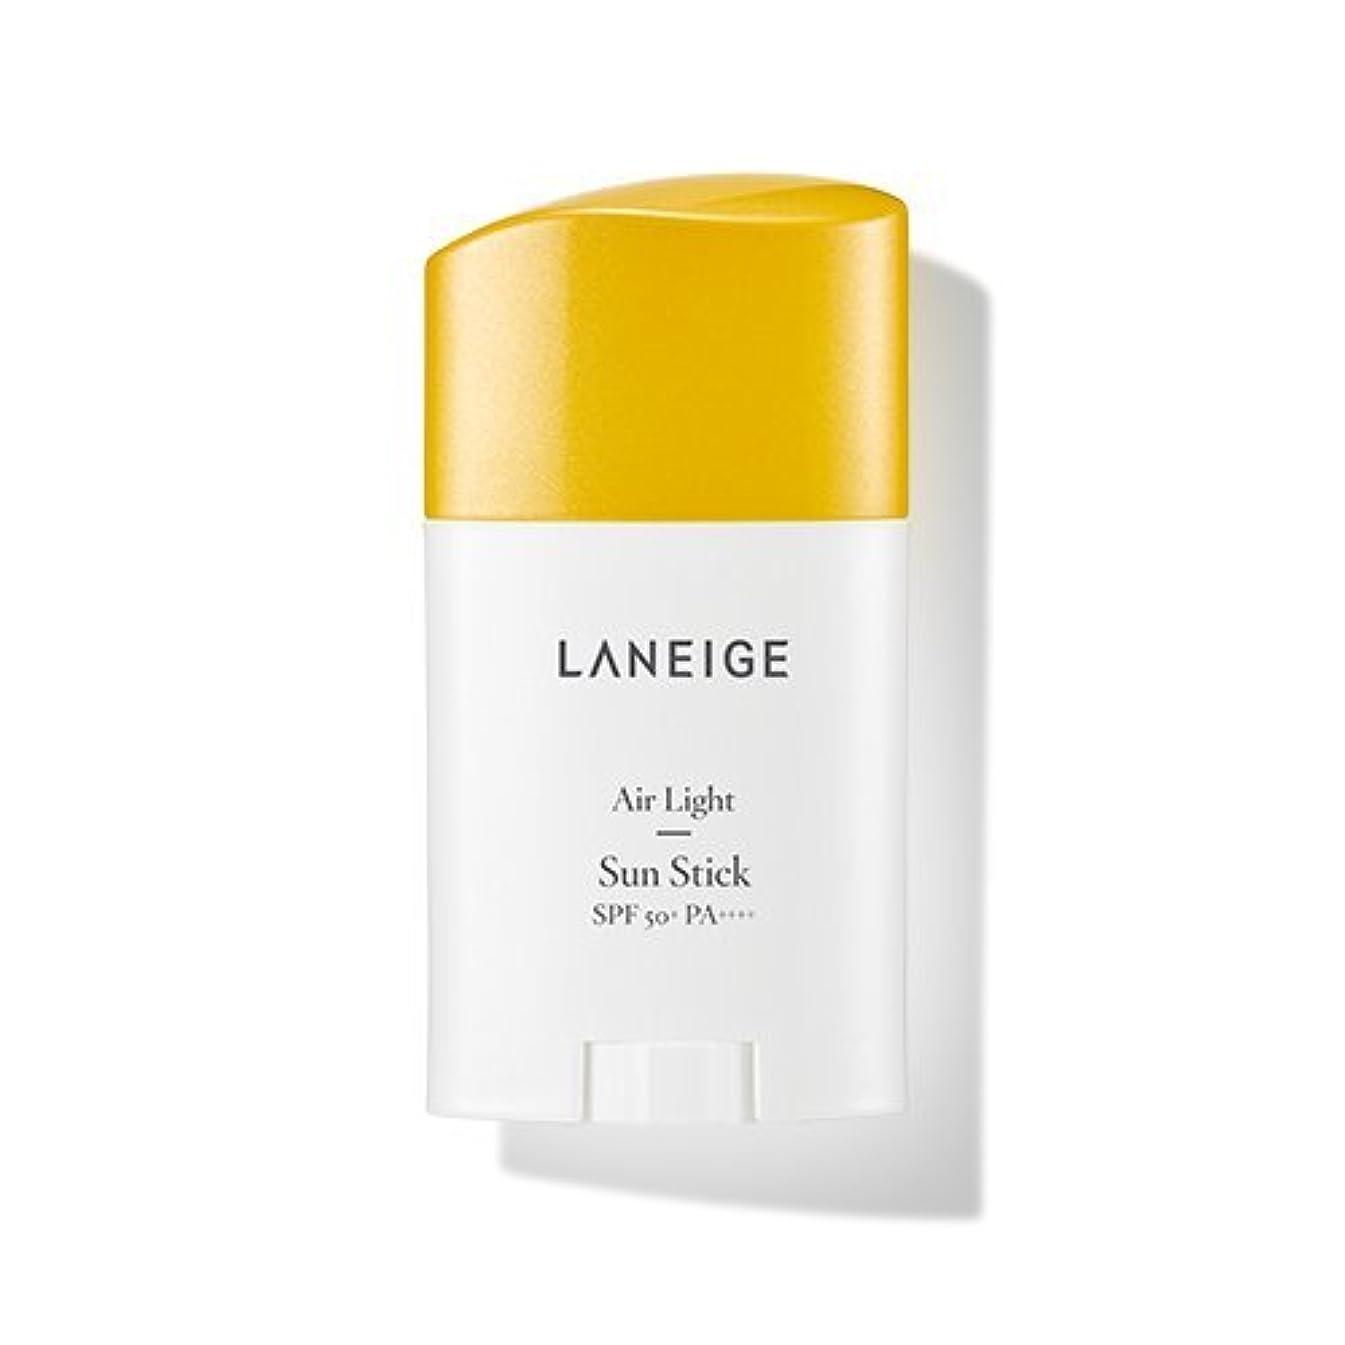 愛されし者強化上昇ラネージュ(LANEIGE) エアライト?サンスティック Air Light Sun Stick SPF50 PA+++ 26g